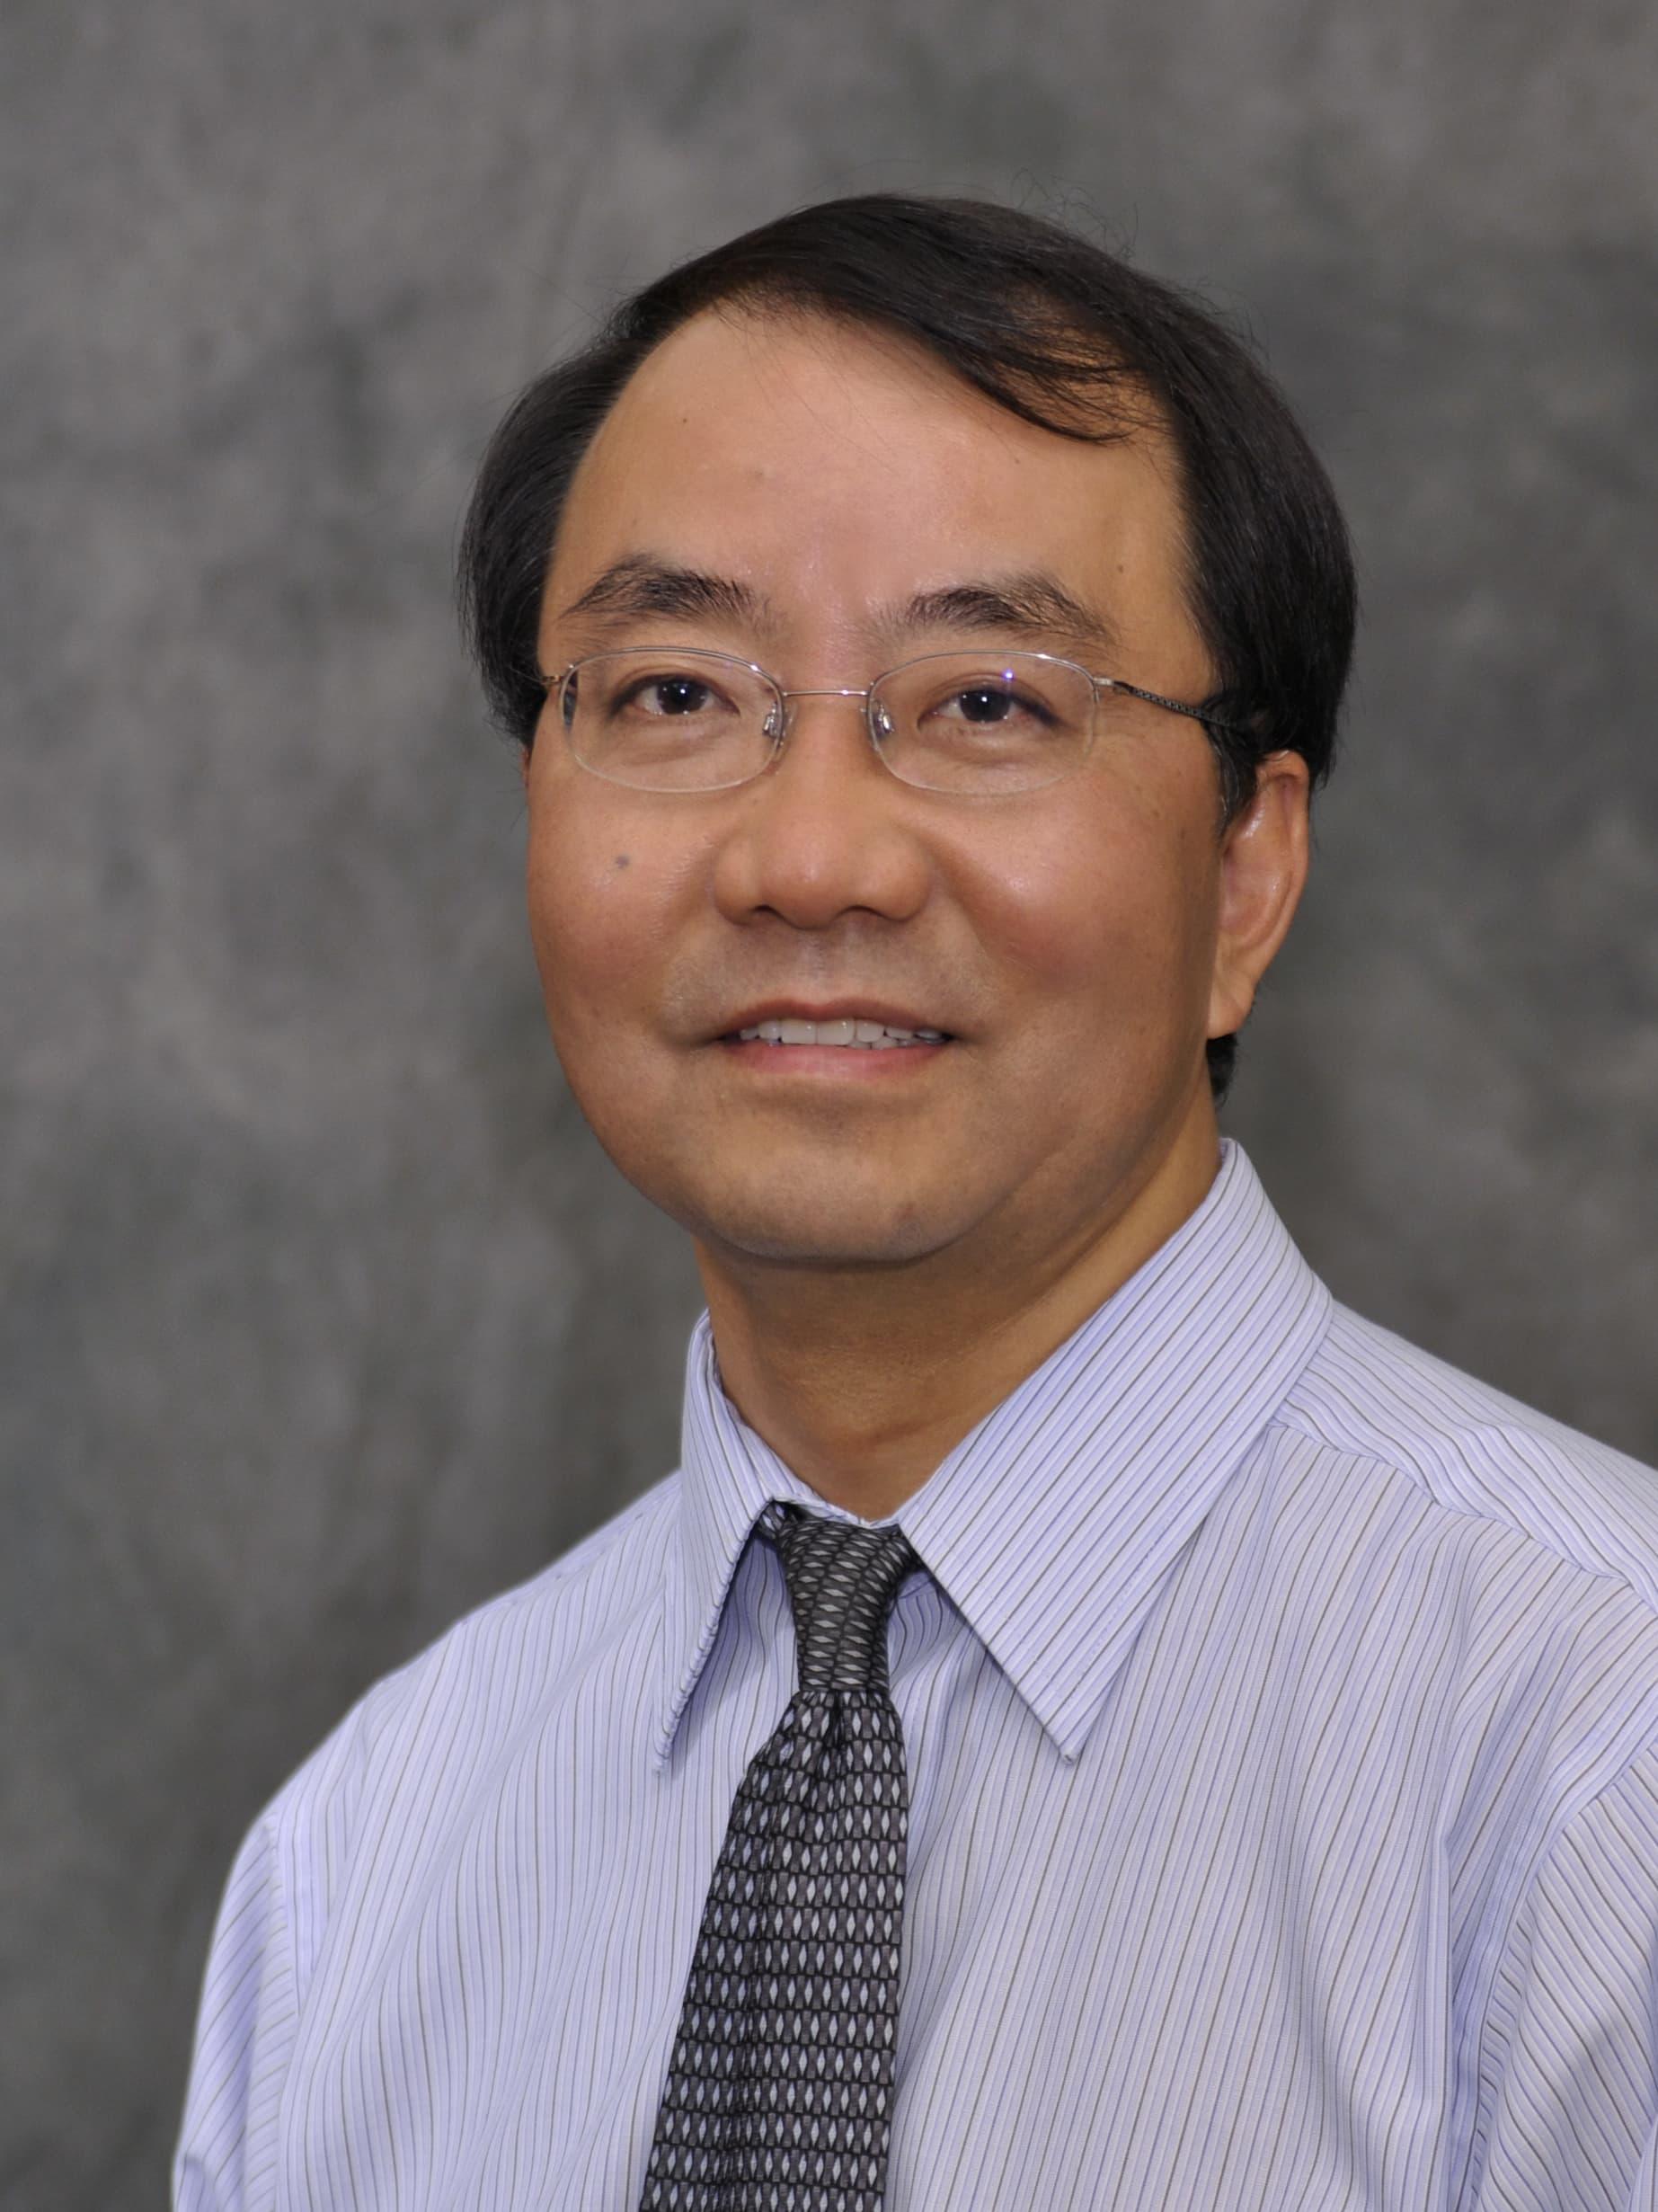 Pei Hui